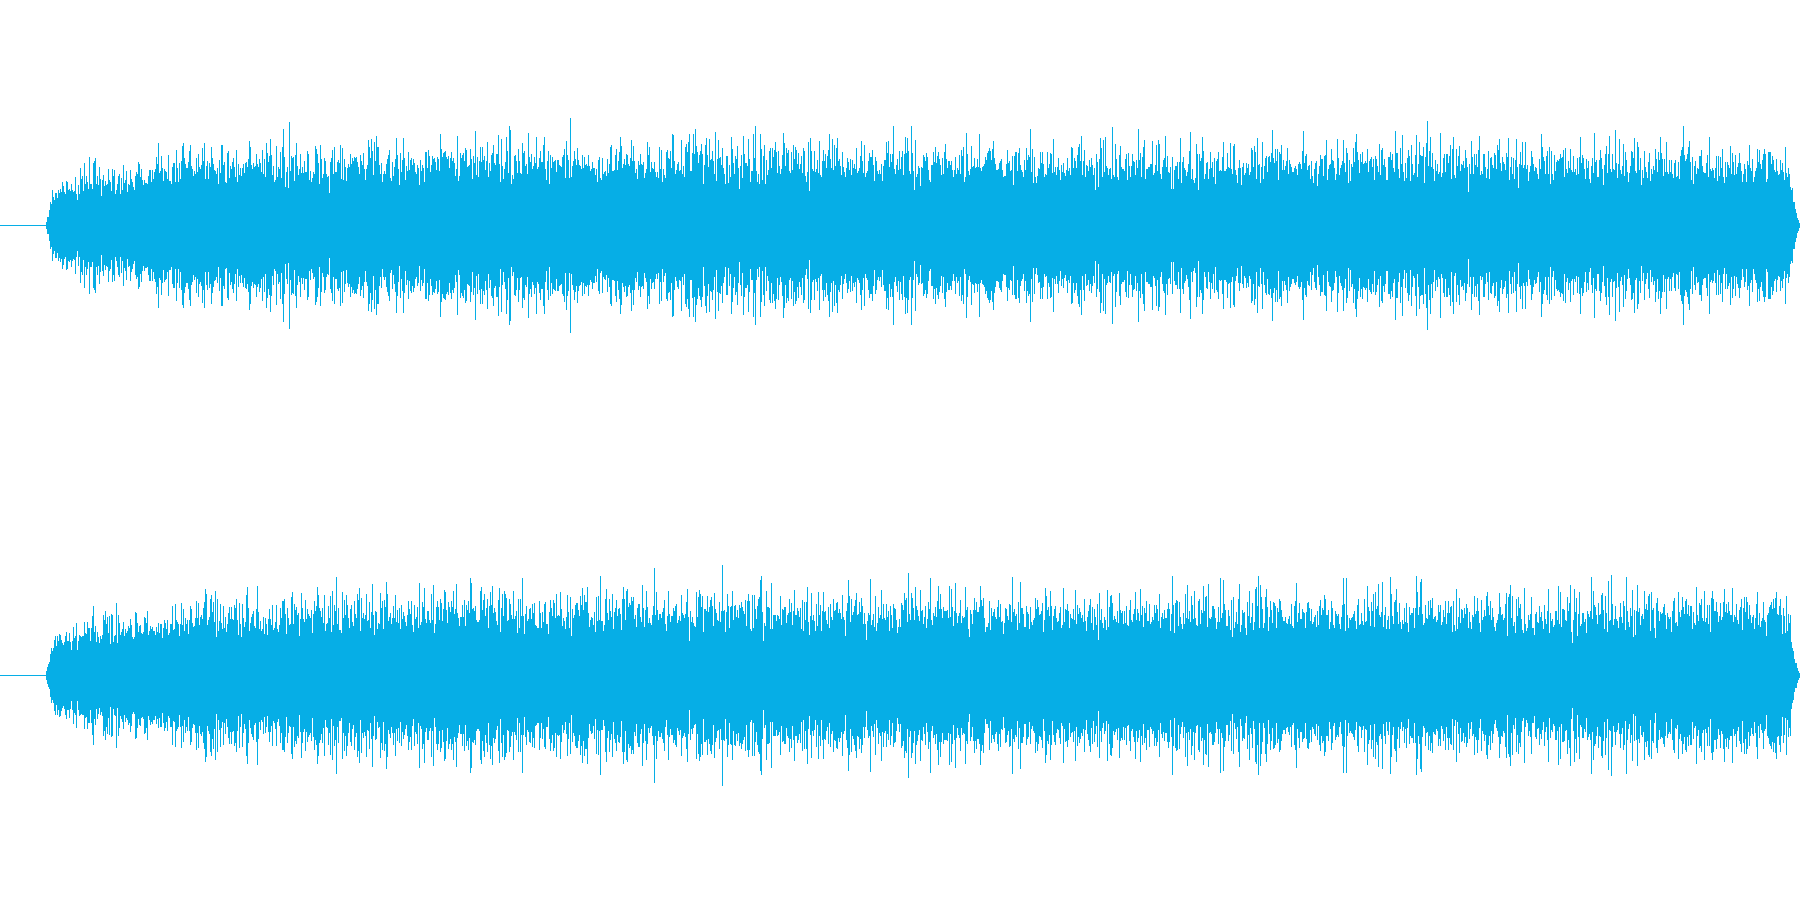 激しい川や大雨の音の再生済みの波形